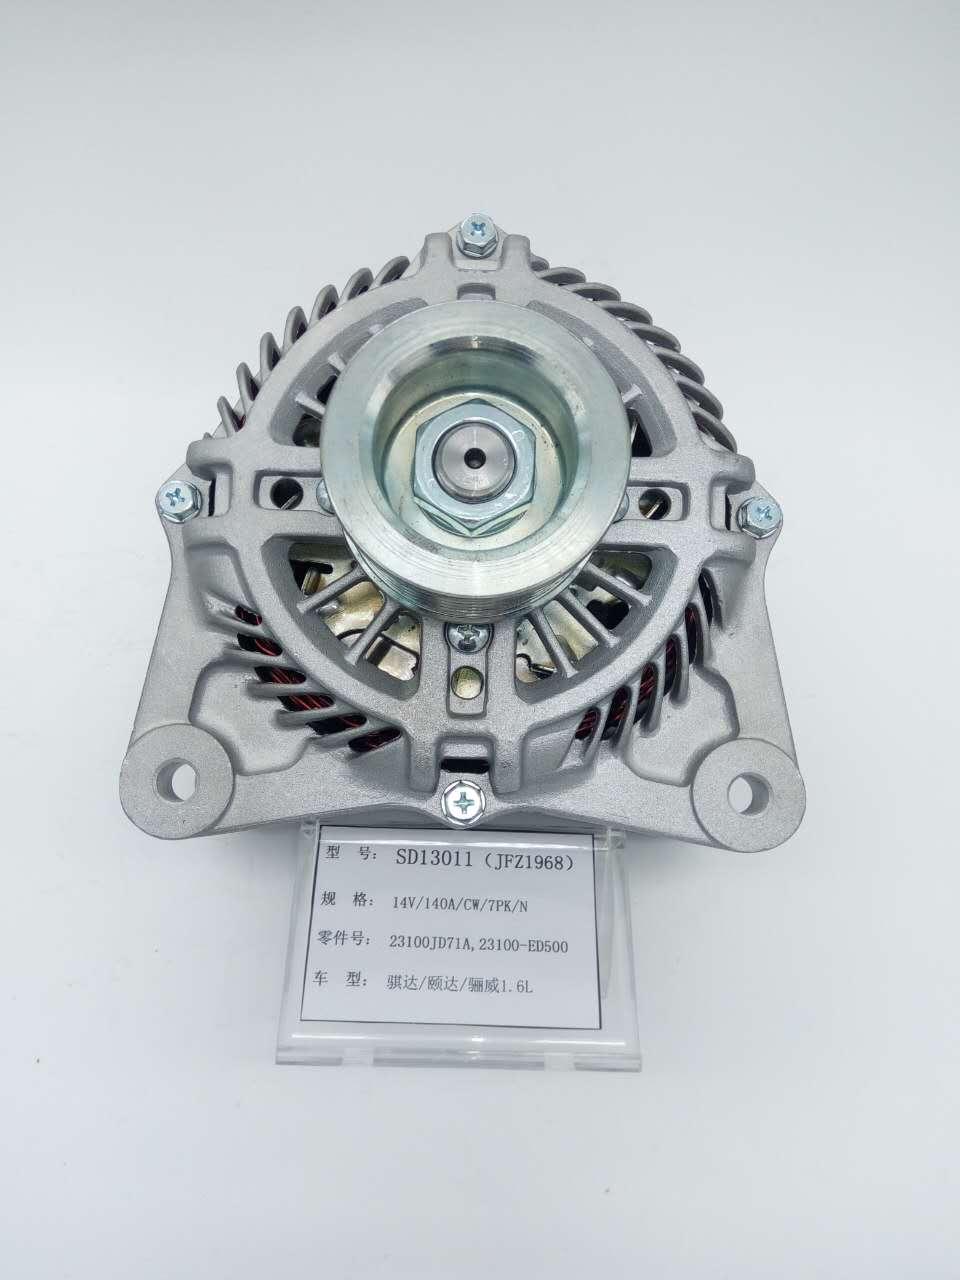 骐达颐达骊威轩逸1.6L发电机23100-JX30A,SD13011